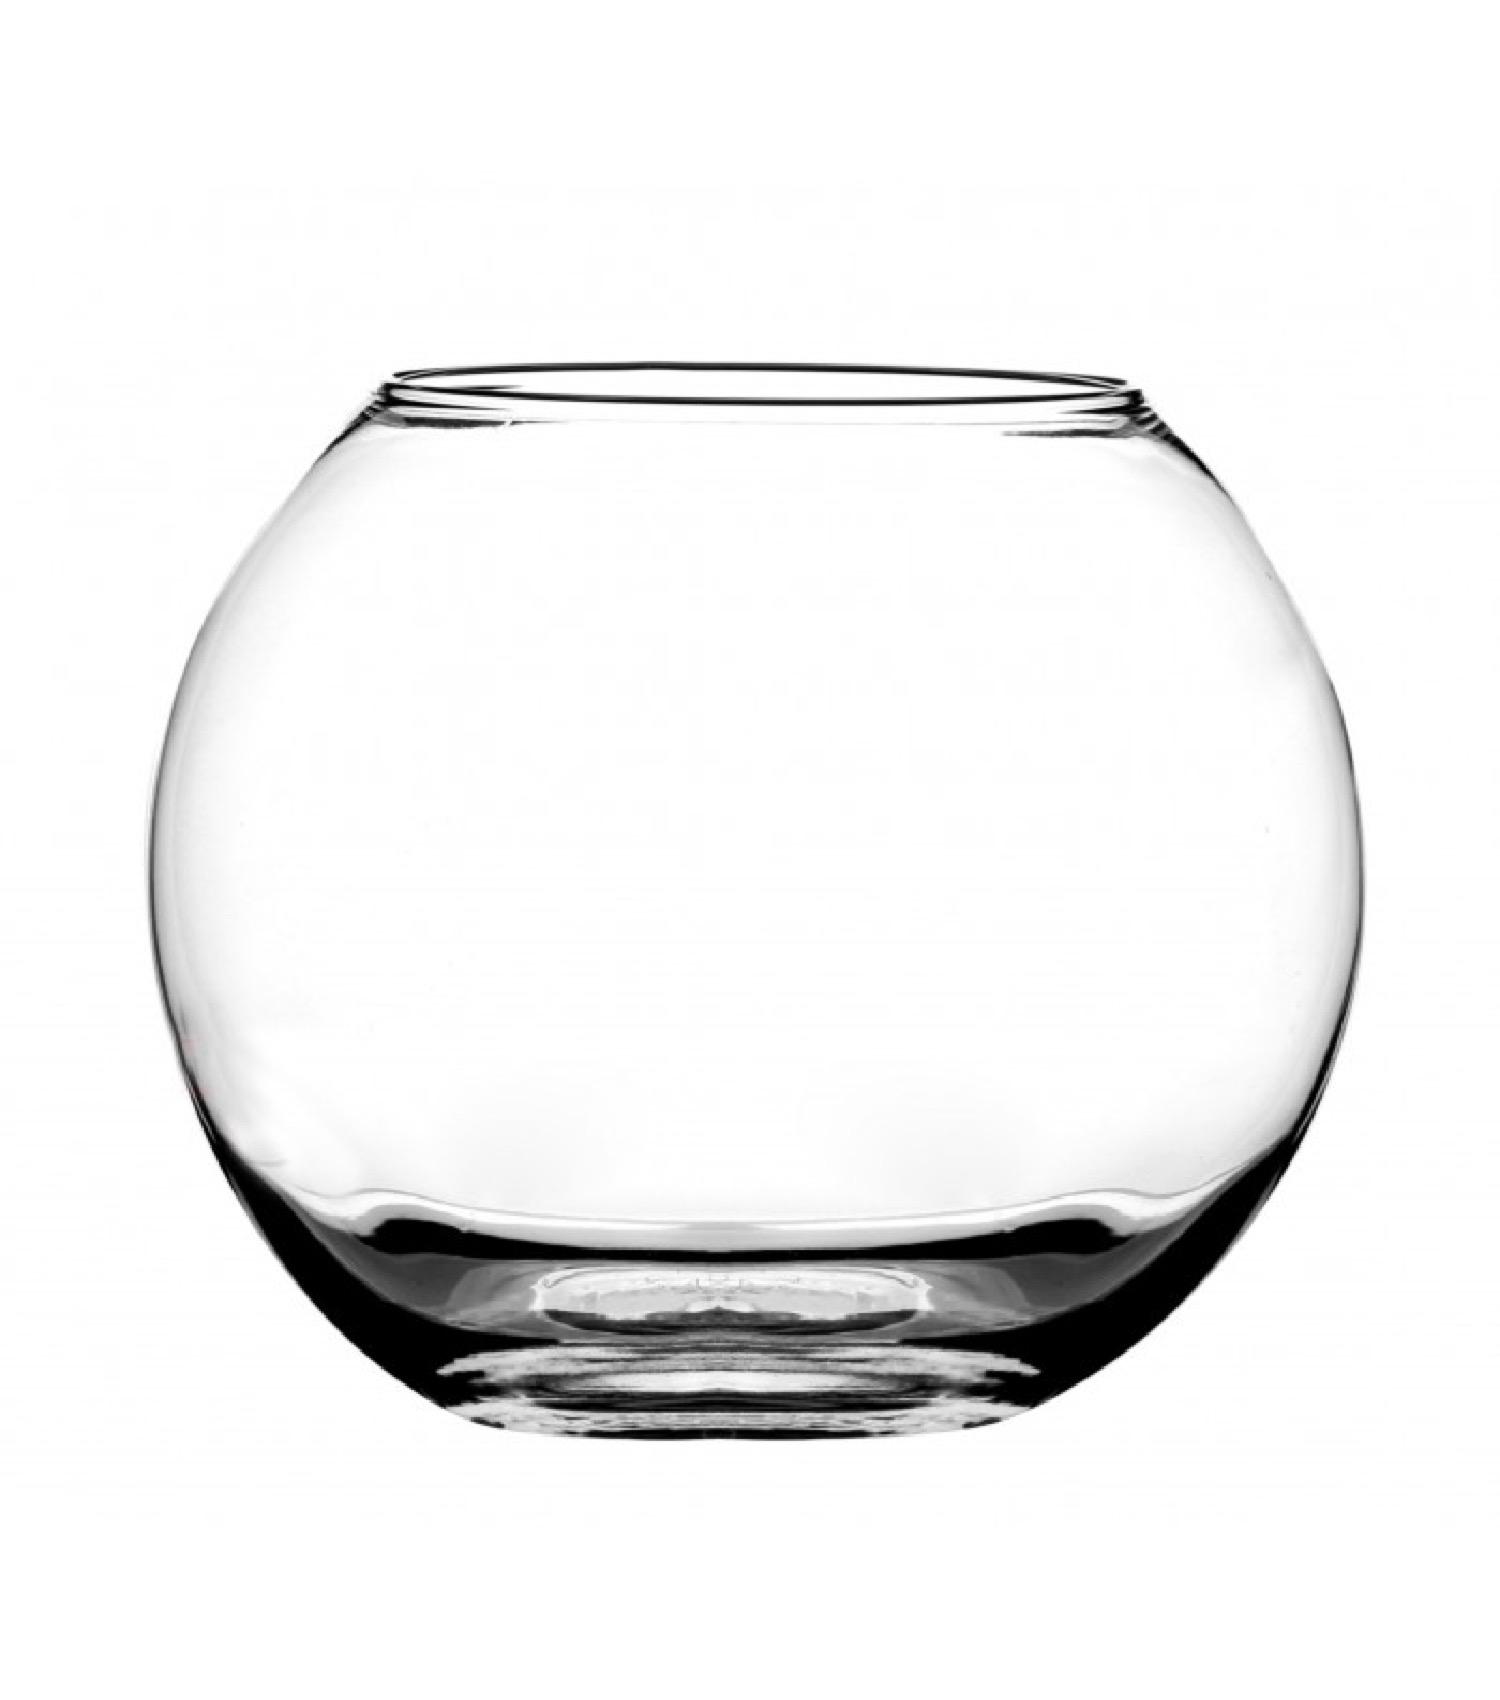 Petit vase en verre transparent D12